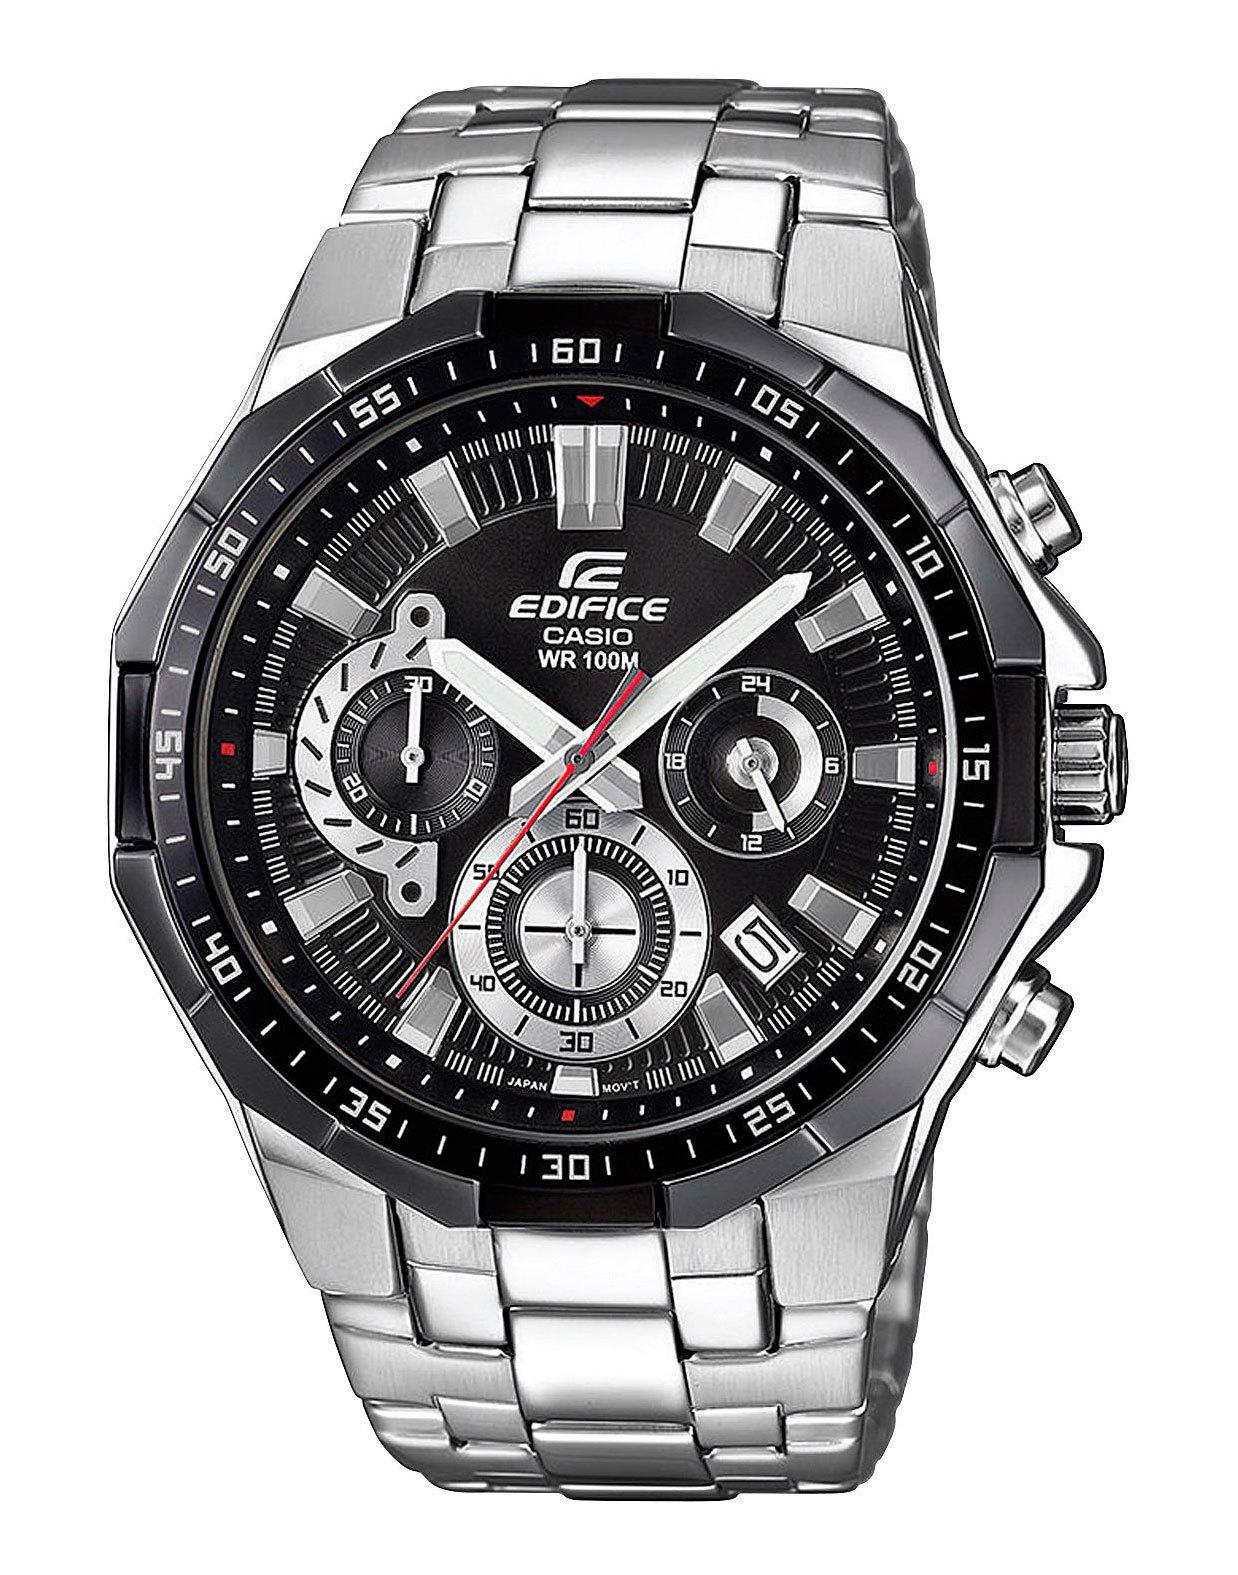 Стильные и стальные часы Edifice EQB: подборка лучших моделей